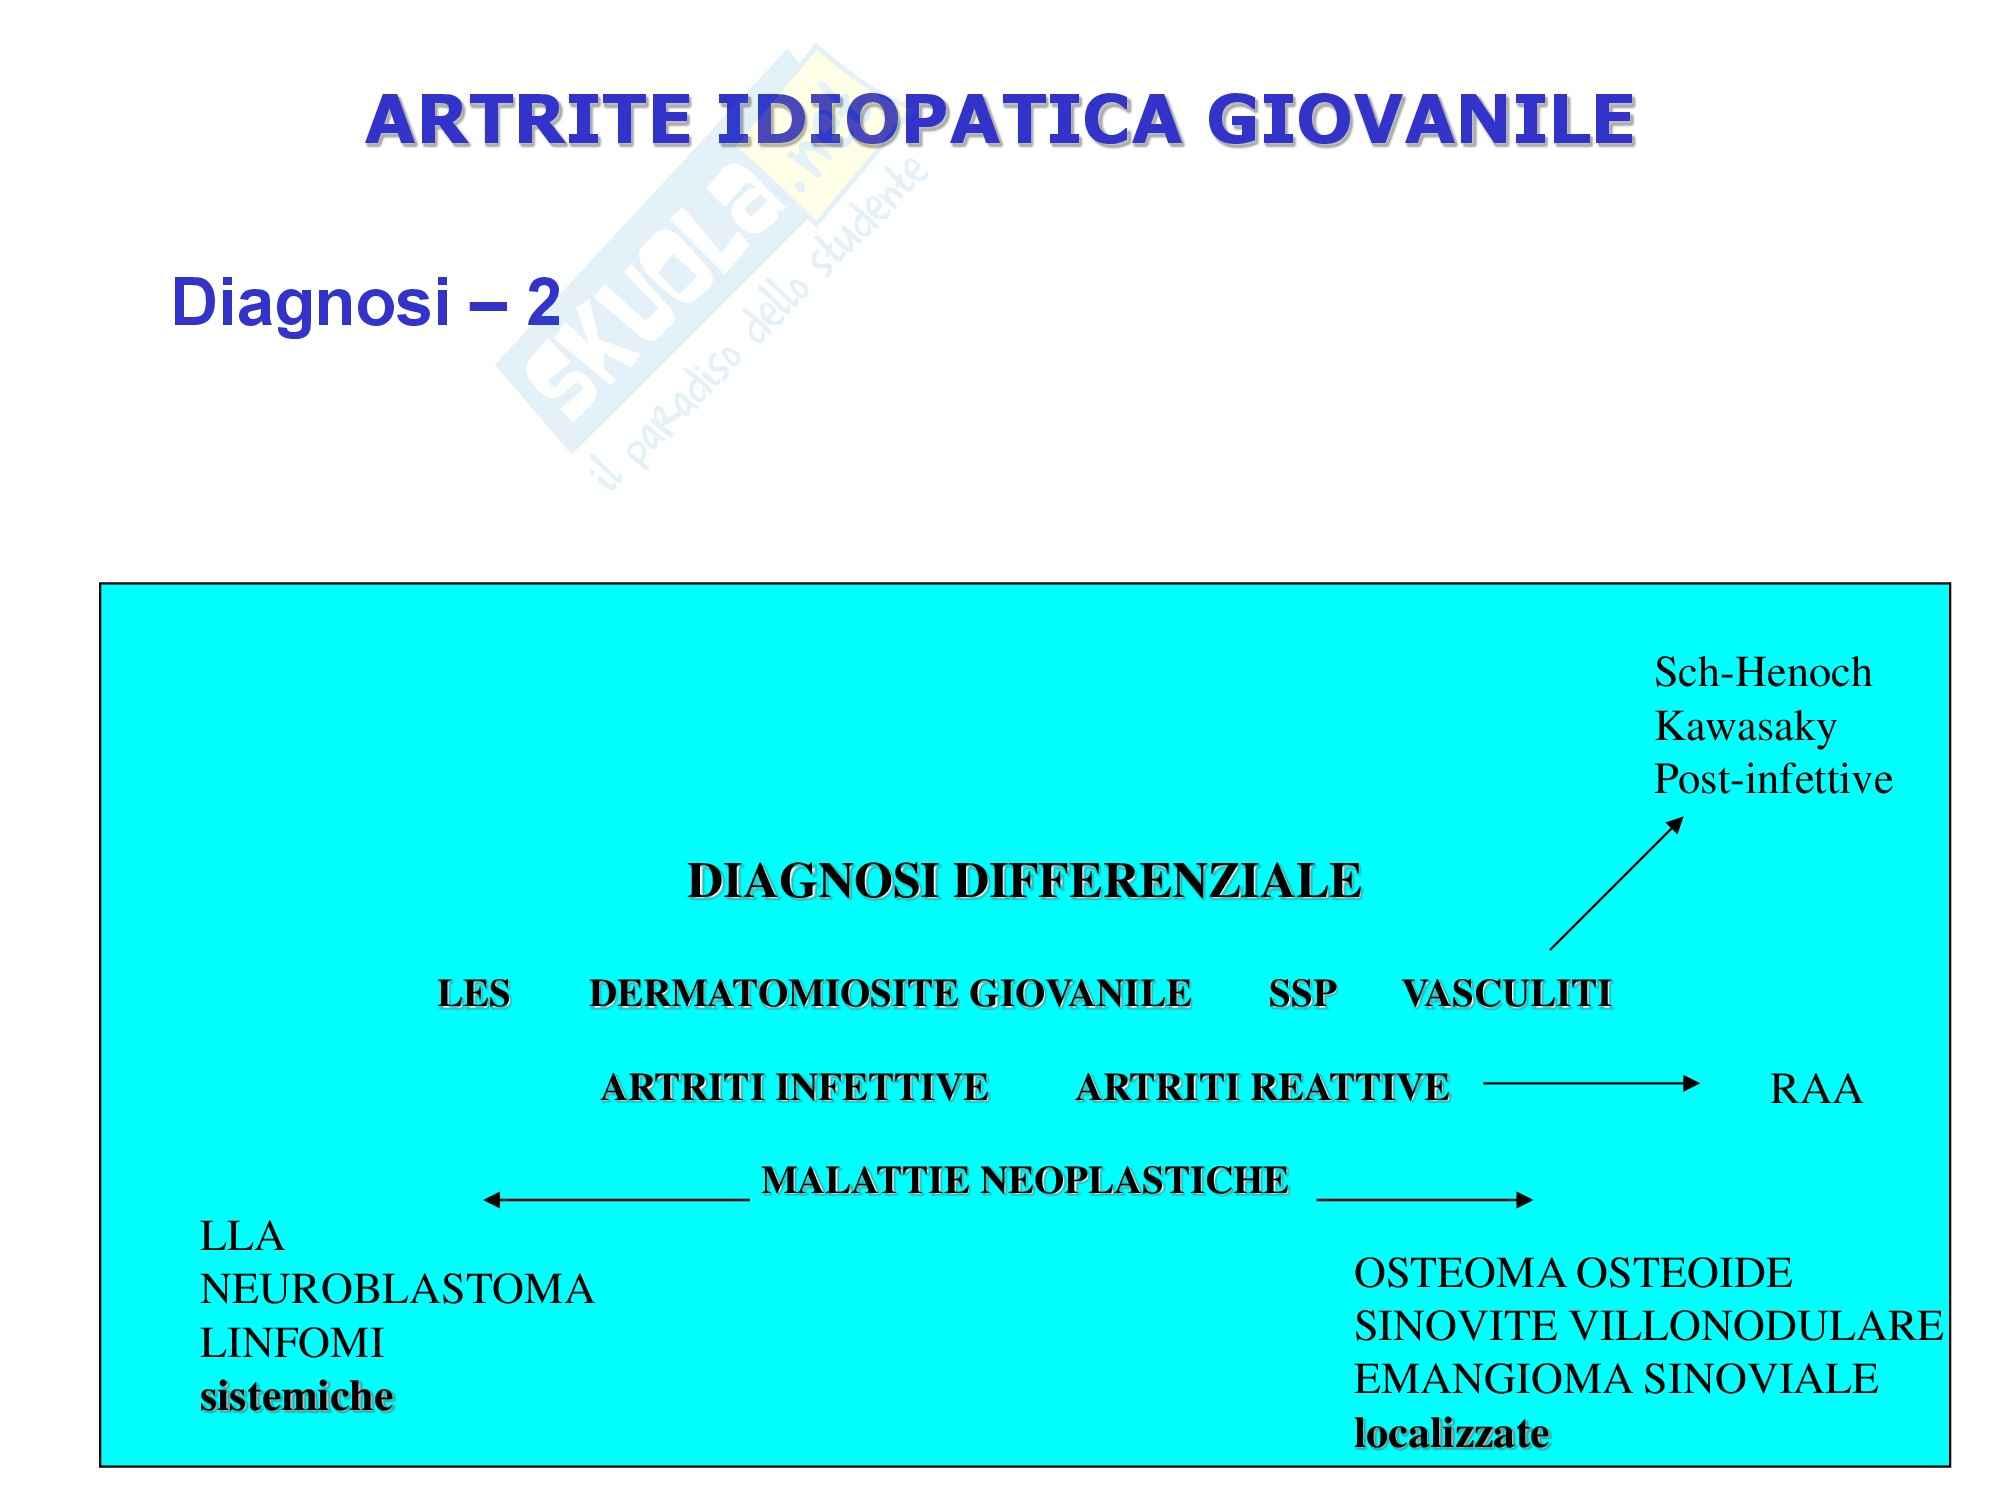 Reumatologia - Artriti Giovanili Dignosi Evoluzione Pag. 2